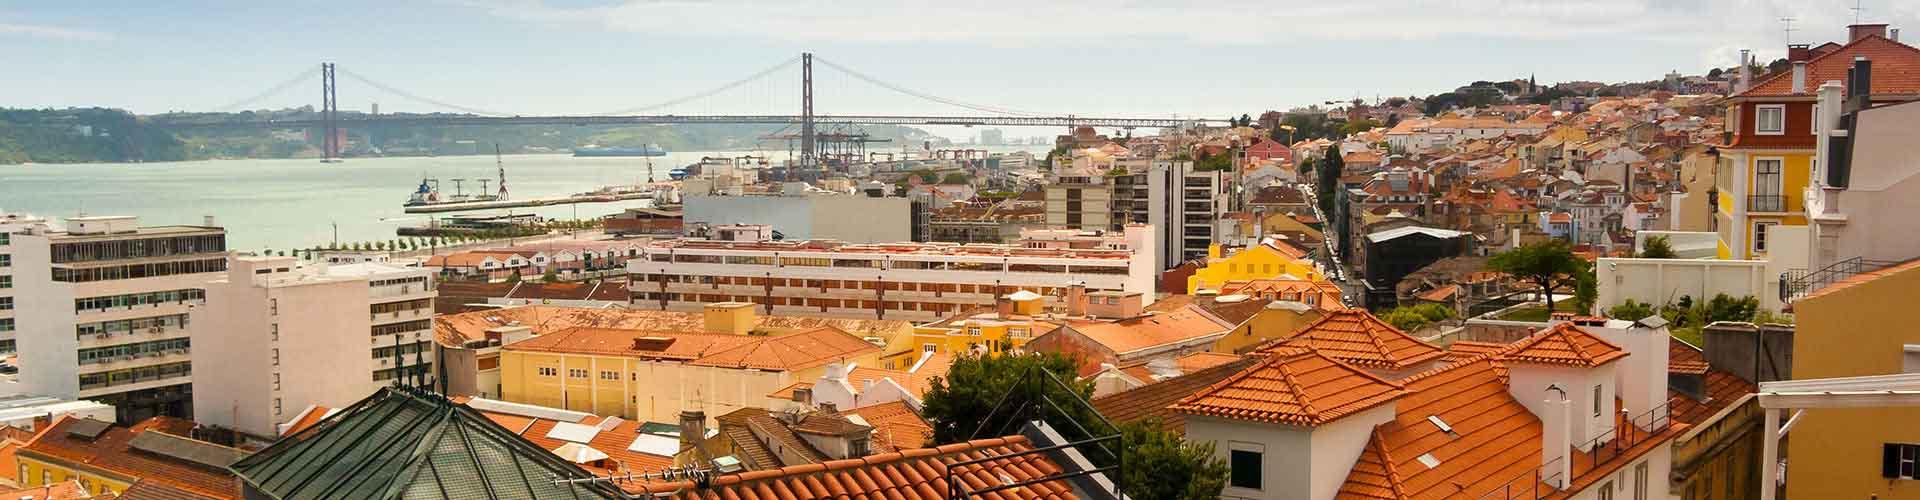 Lisbonne - Auberges de jeunesse dans le quartier de Bairro Alto. Cartes pour Lisbonne, photos et commentaires pour chaque auberge de jeunesse à Lisbonne.